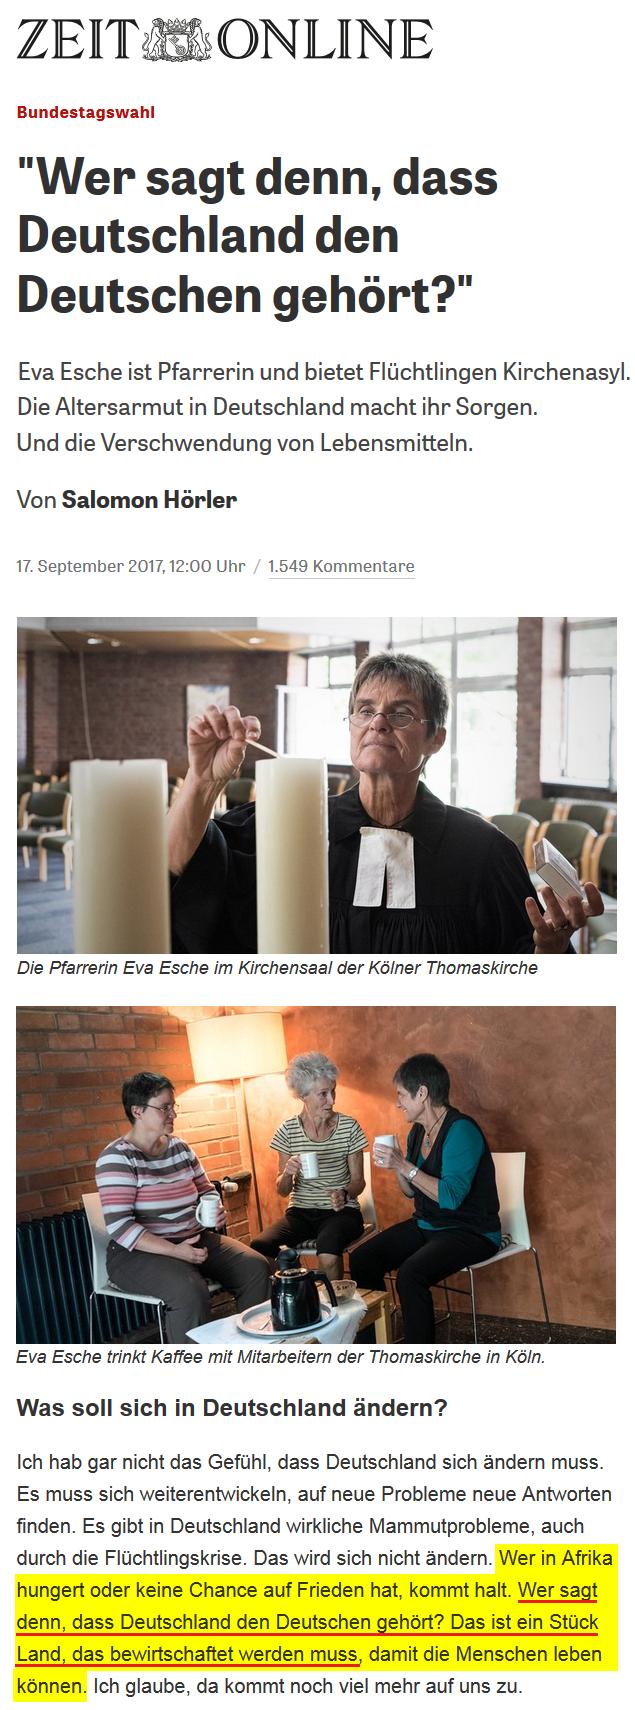 2017-09-17 ZEIT_Bundestagswahl_Wer_sagt_denn_dass_Deutschland_den_Deutschen_gehört_ZEIT_O